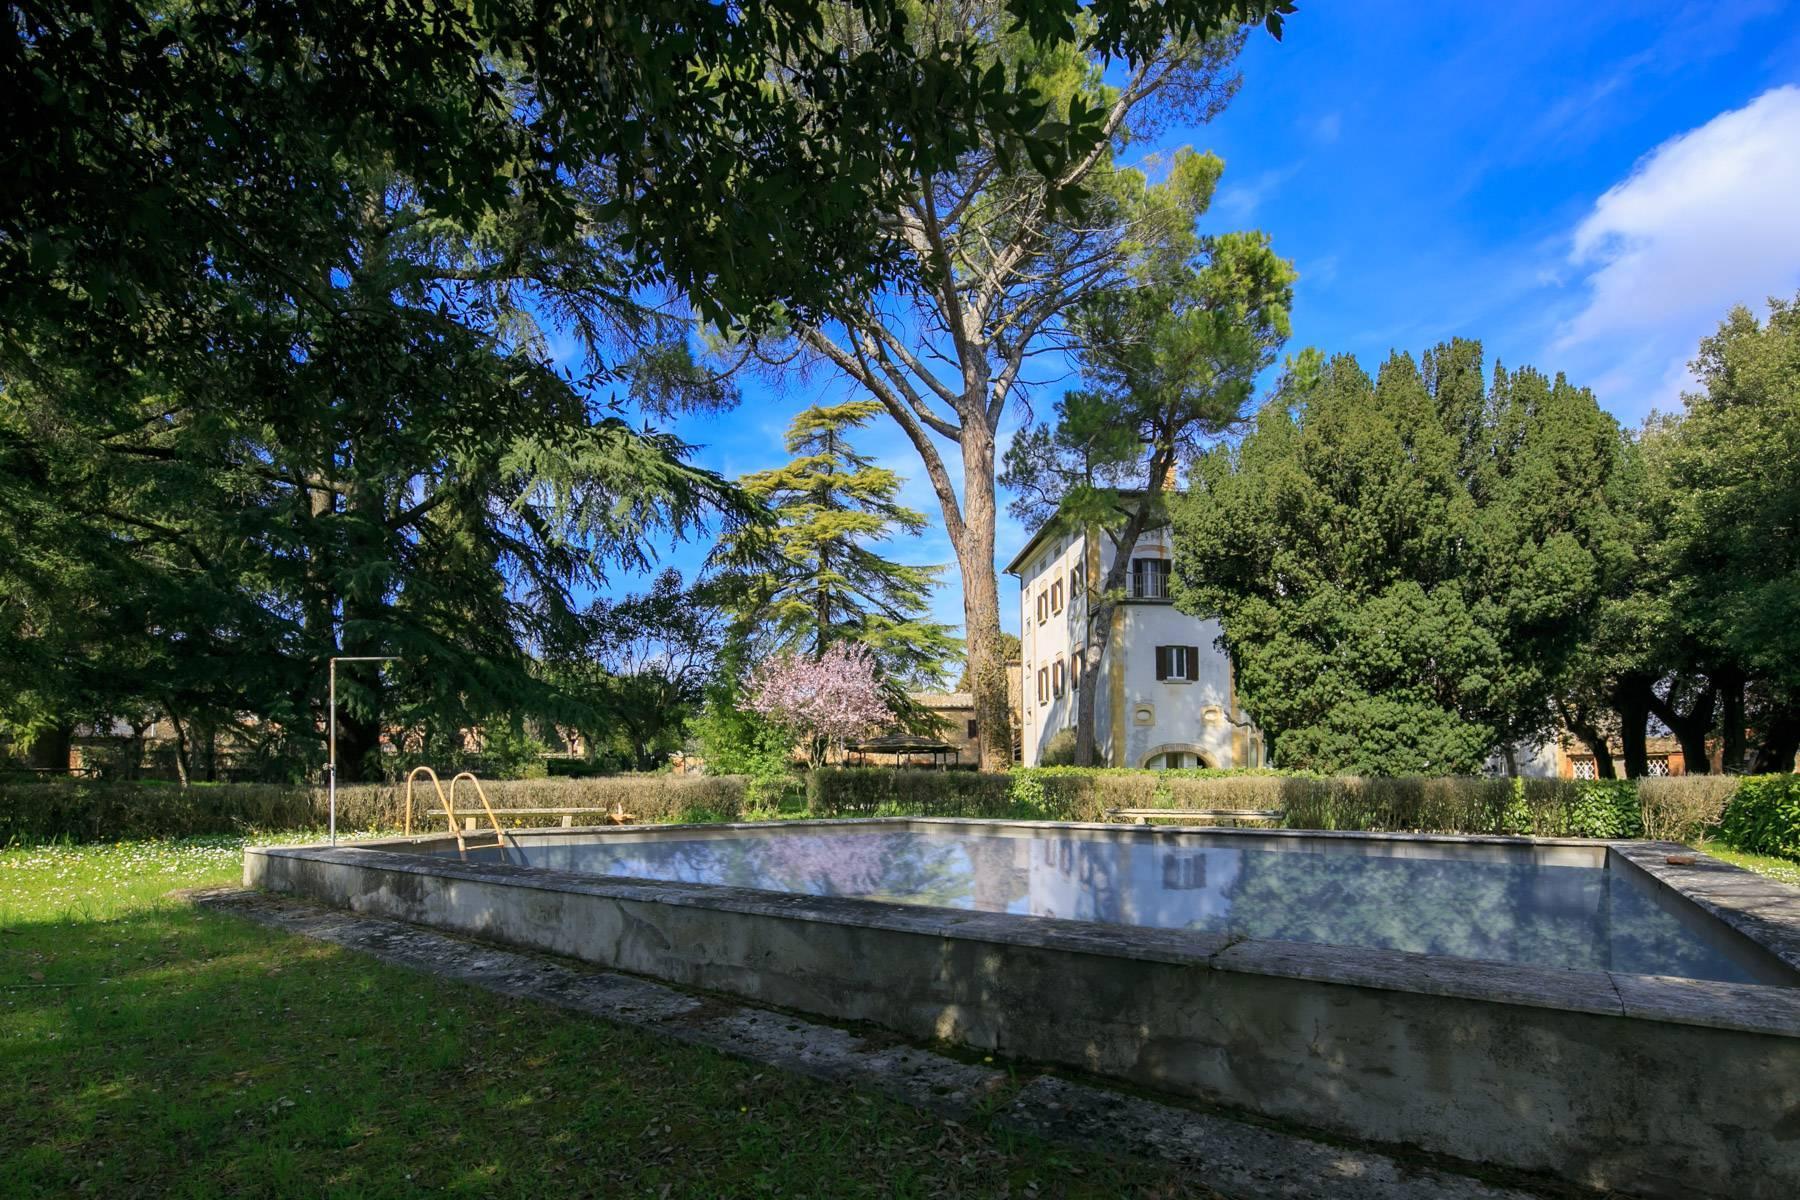 Prächtige historische Villa mit neoklassizistischer Kapelle und Park - 38